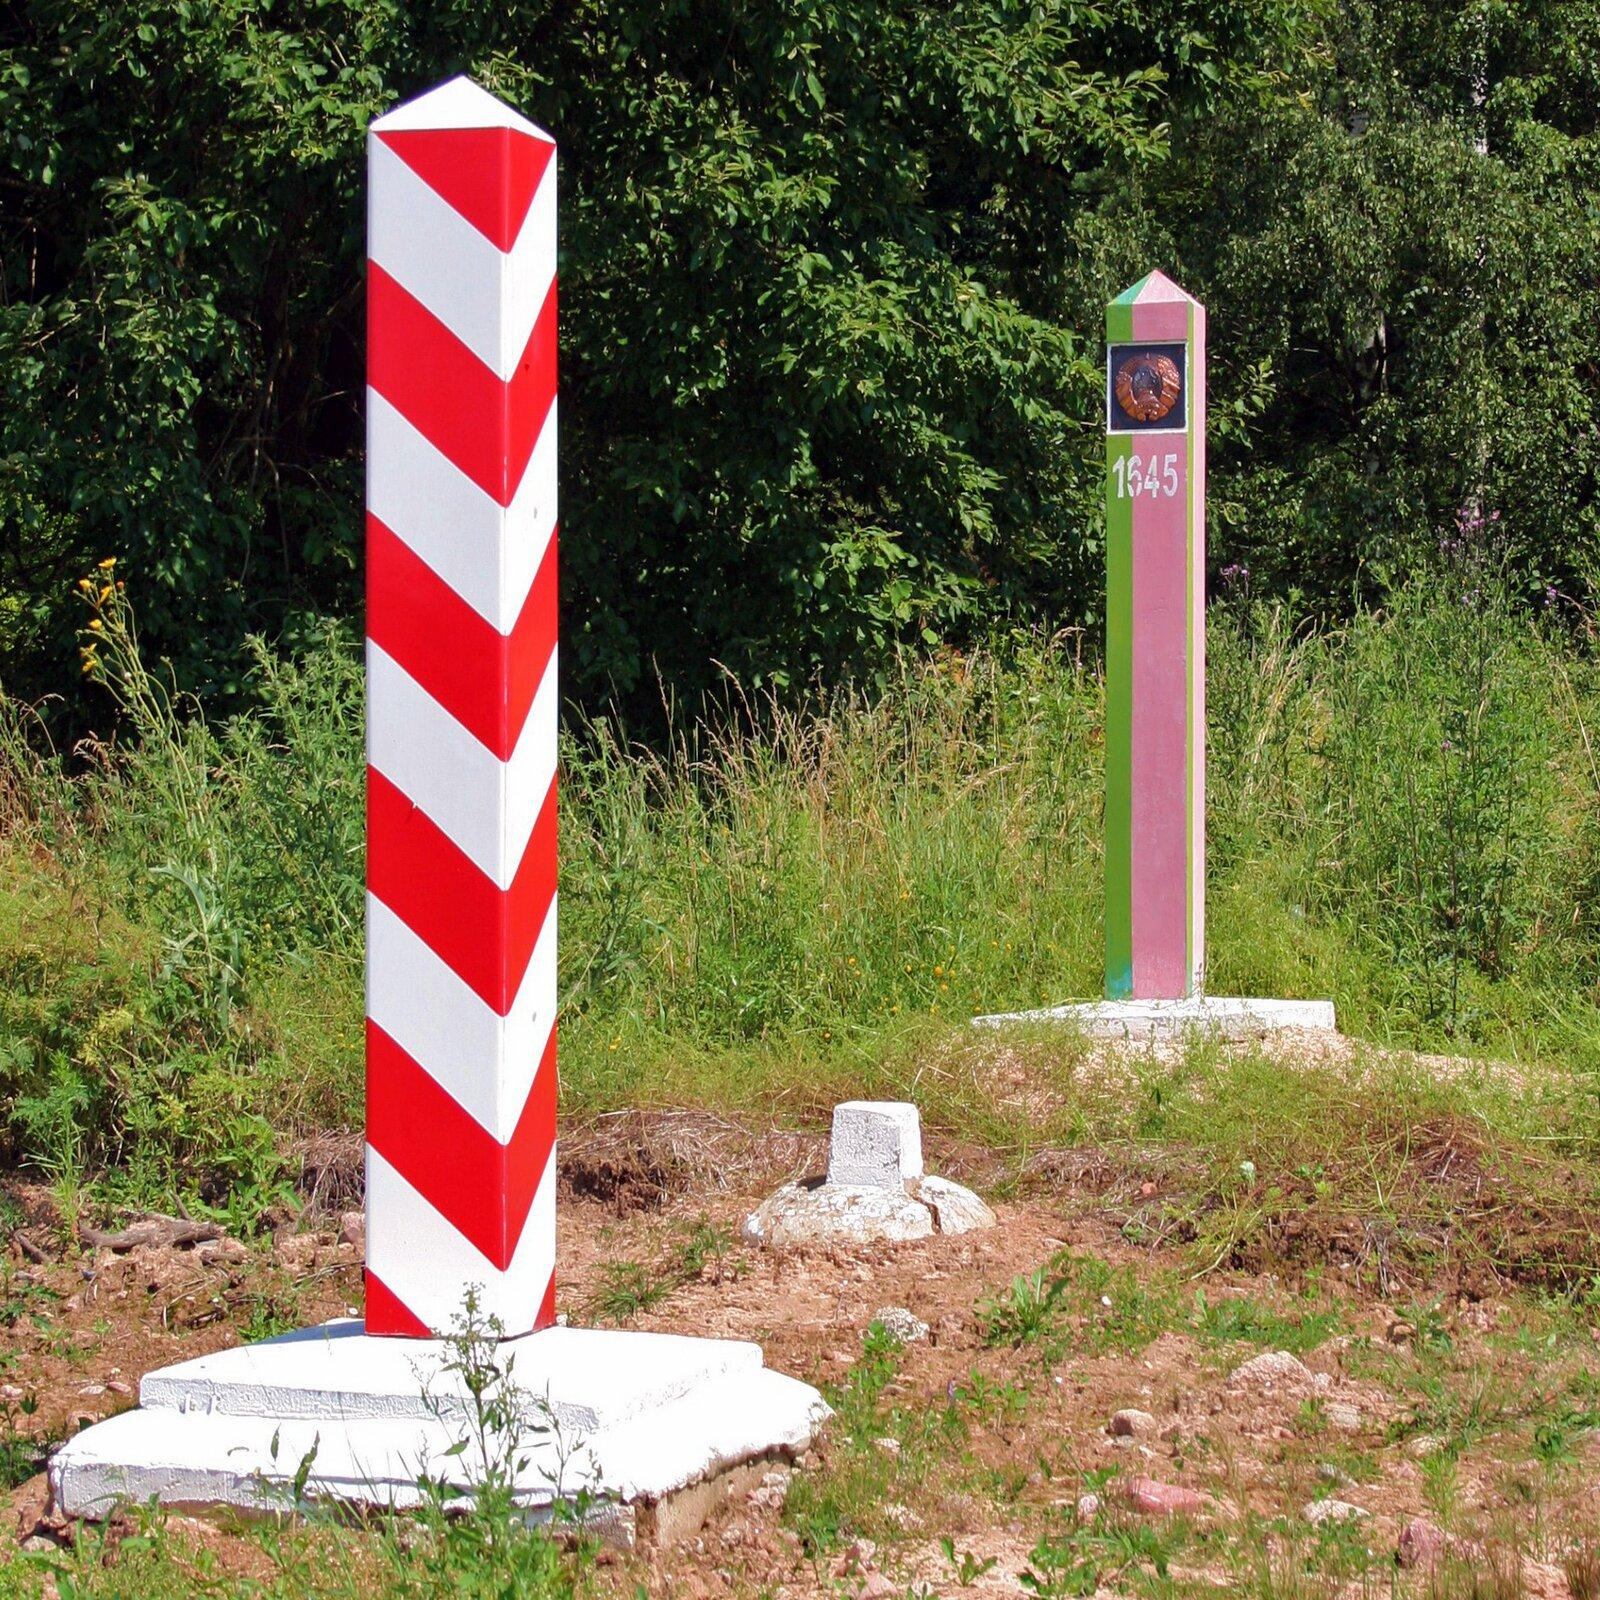 Fotografia prezentuje dwa znaki graniczne. Na pierwszym planie słupek pomalowany wpoziome biało-czerwone pasy, na drugim planie słupek pomalowany wpionowe fioletowo-zielone pasy znumerem iemblematem na szczycie.